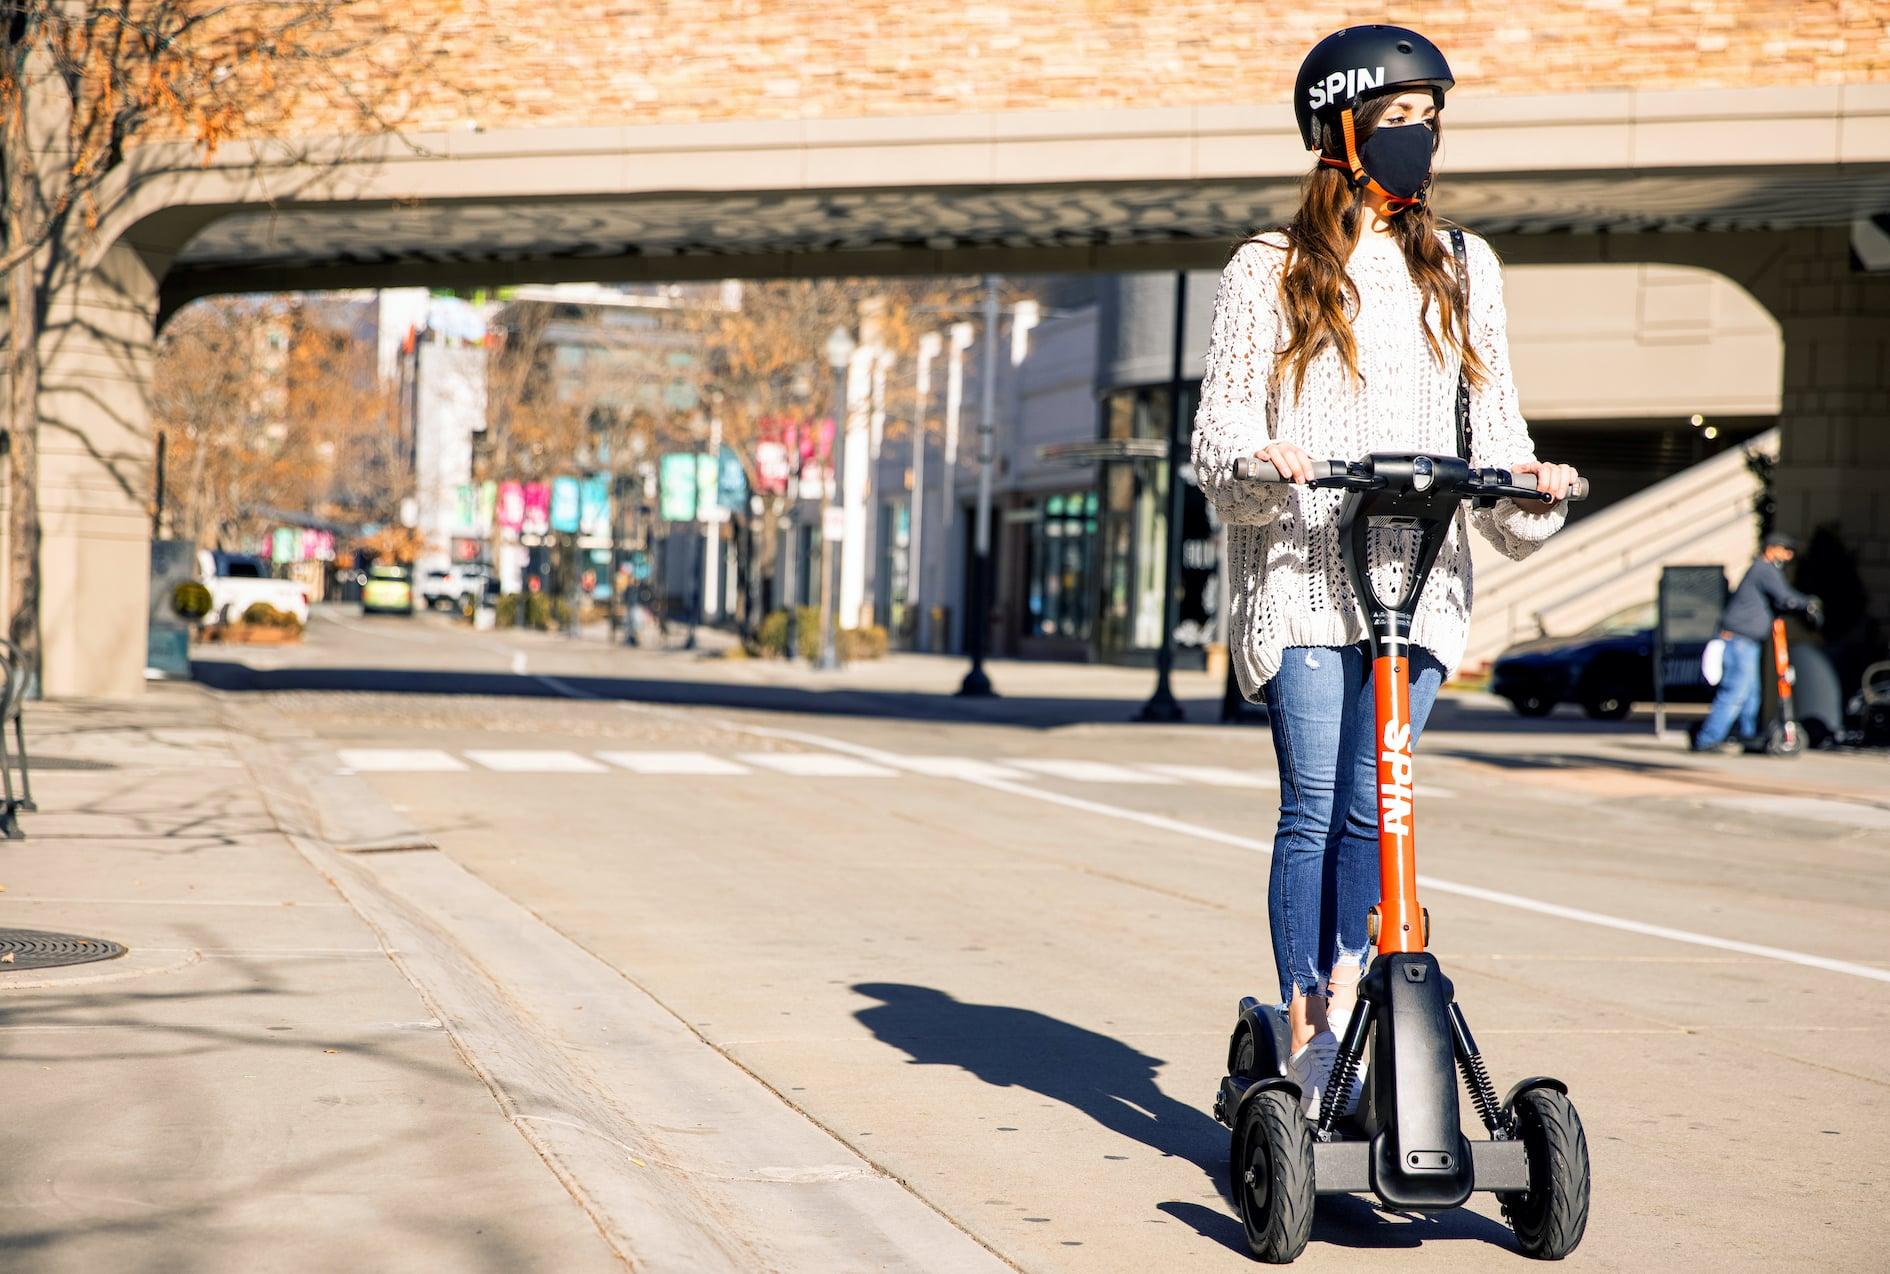 Fabricantes de autos apuestan por la micromovilidad con bicicletas y scooters eléctricos